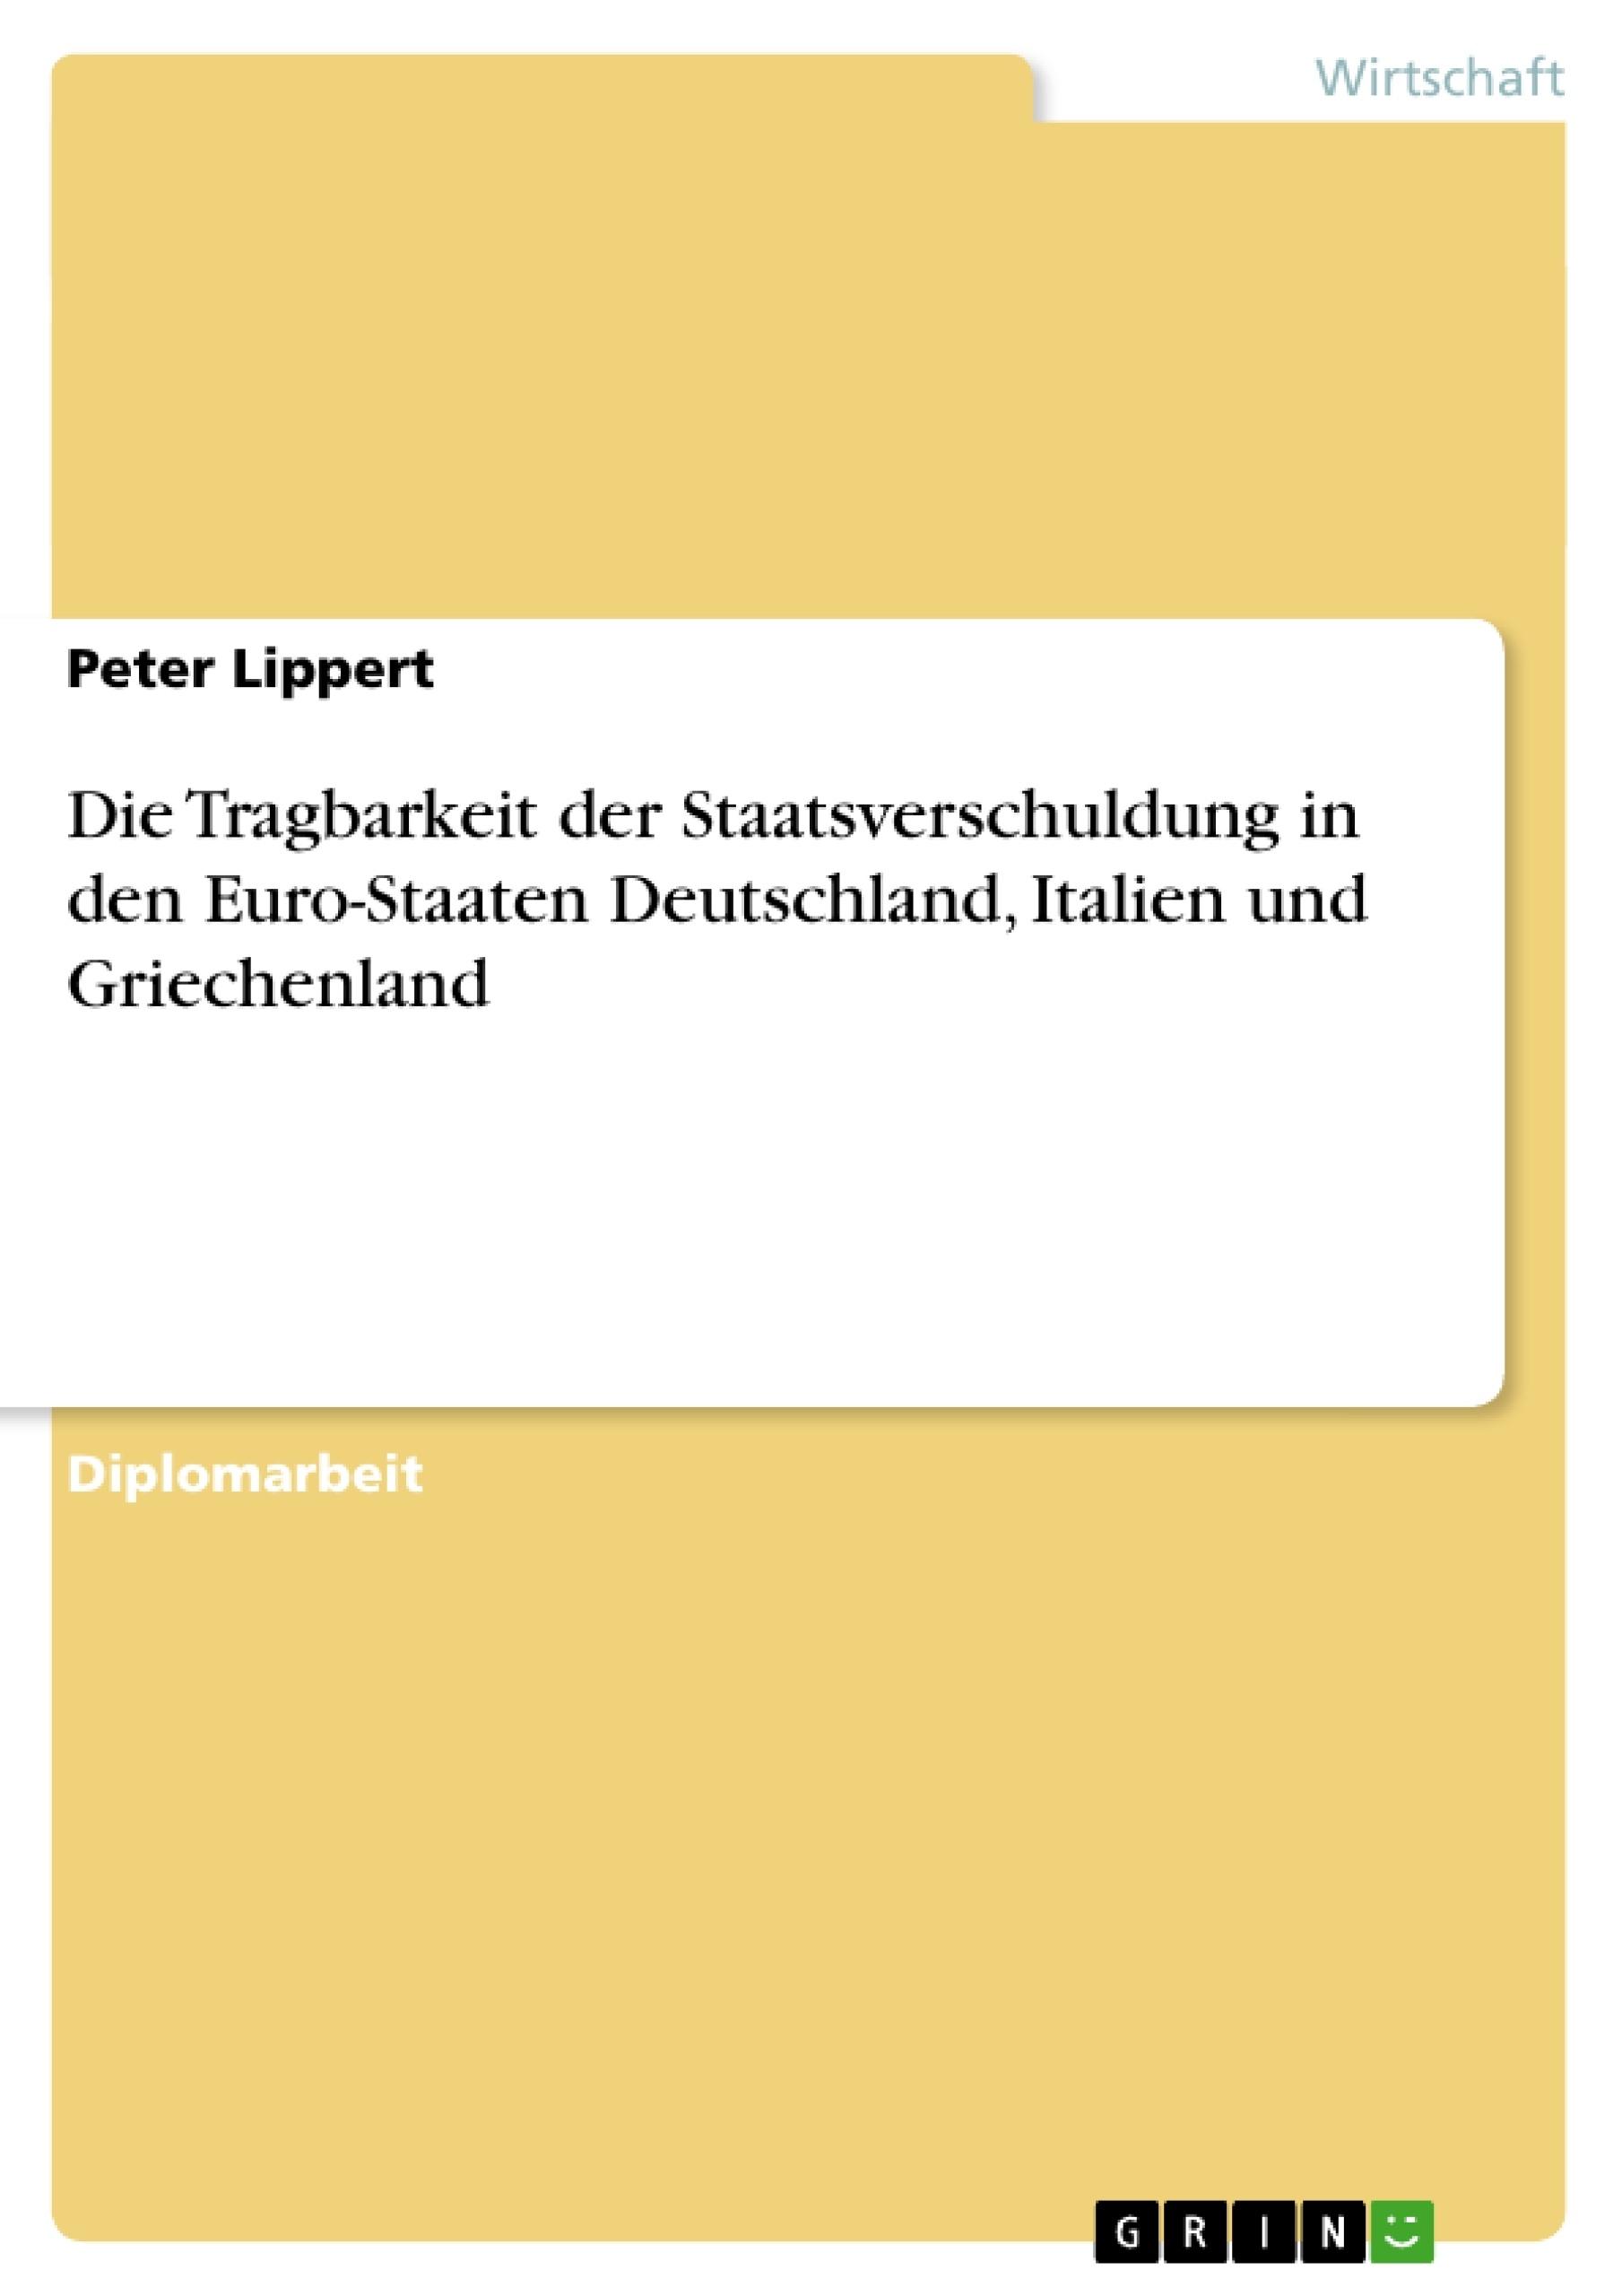 Titel: Die Tragbarkeit der Staatsverschuldung in den Euro-Staaten Deutschland, Italien und Griechenland